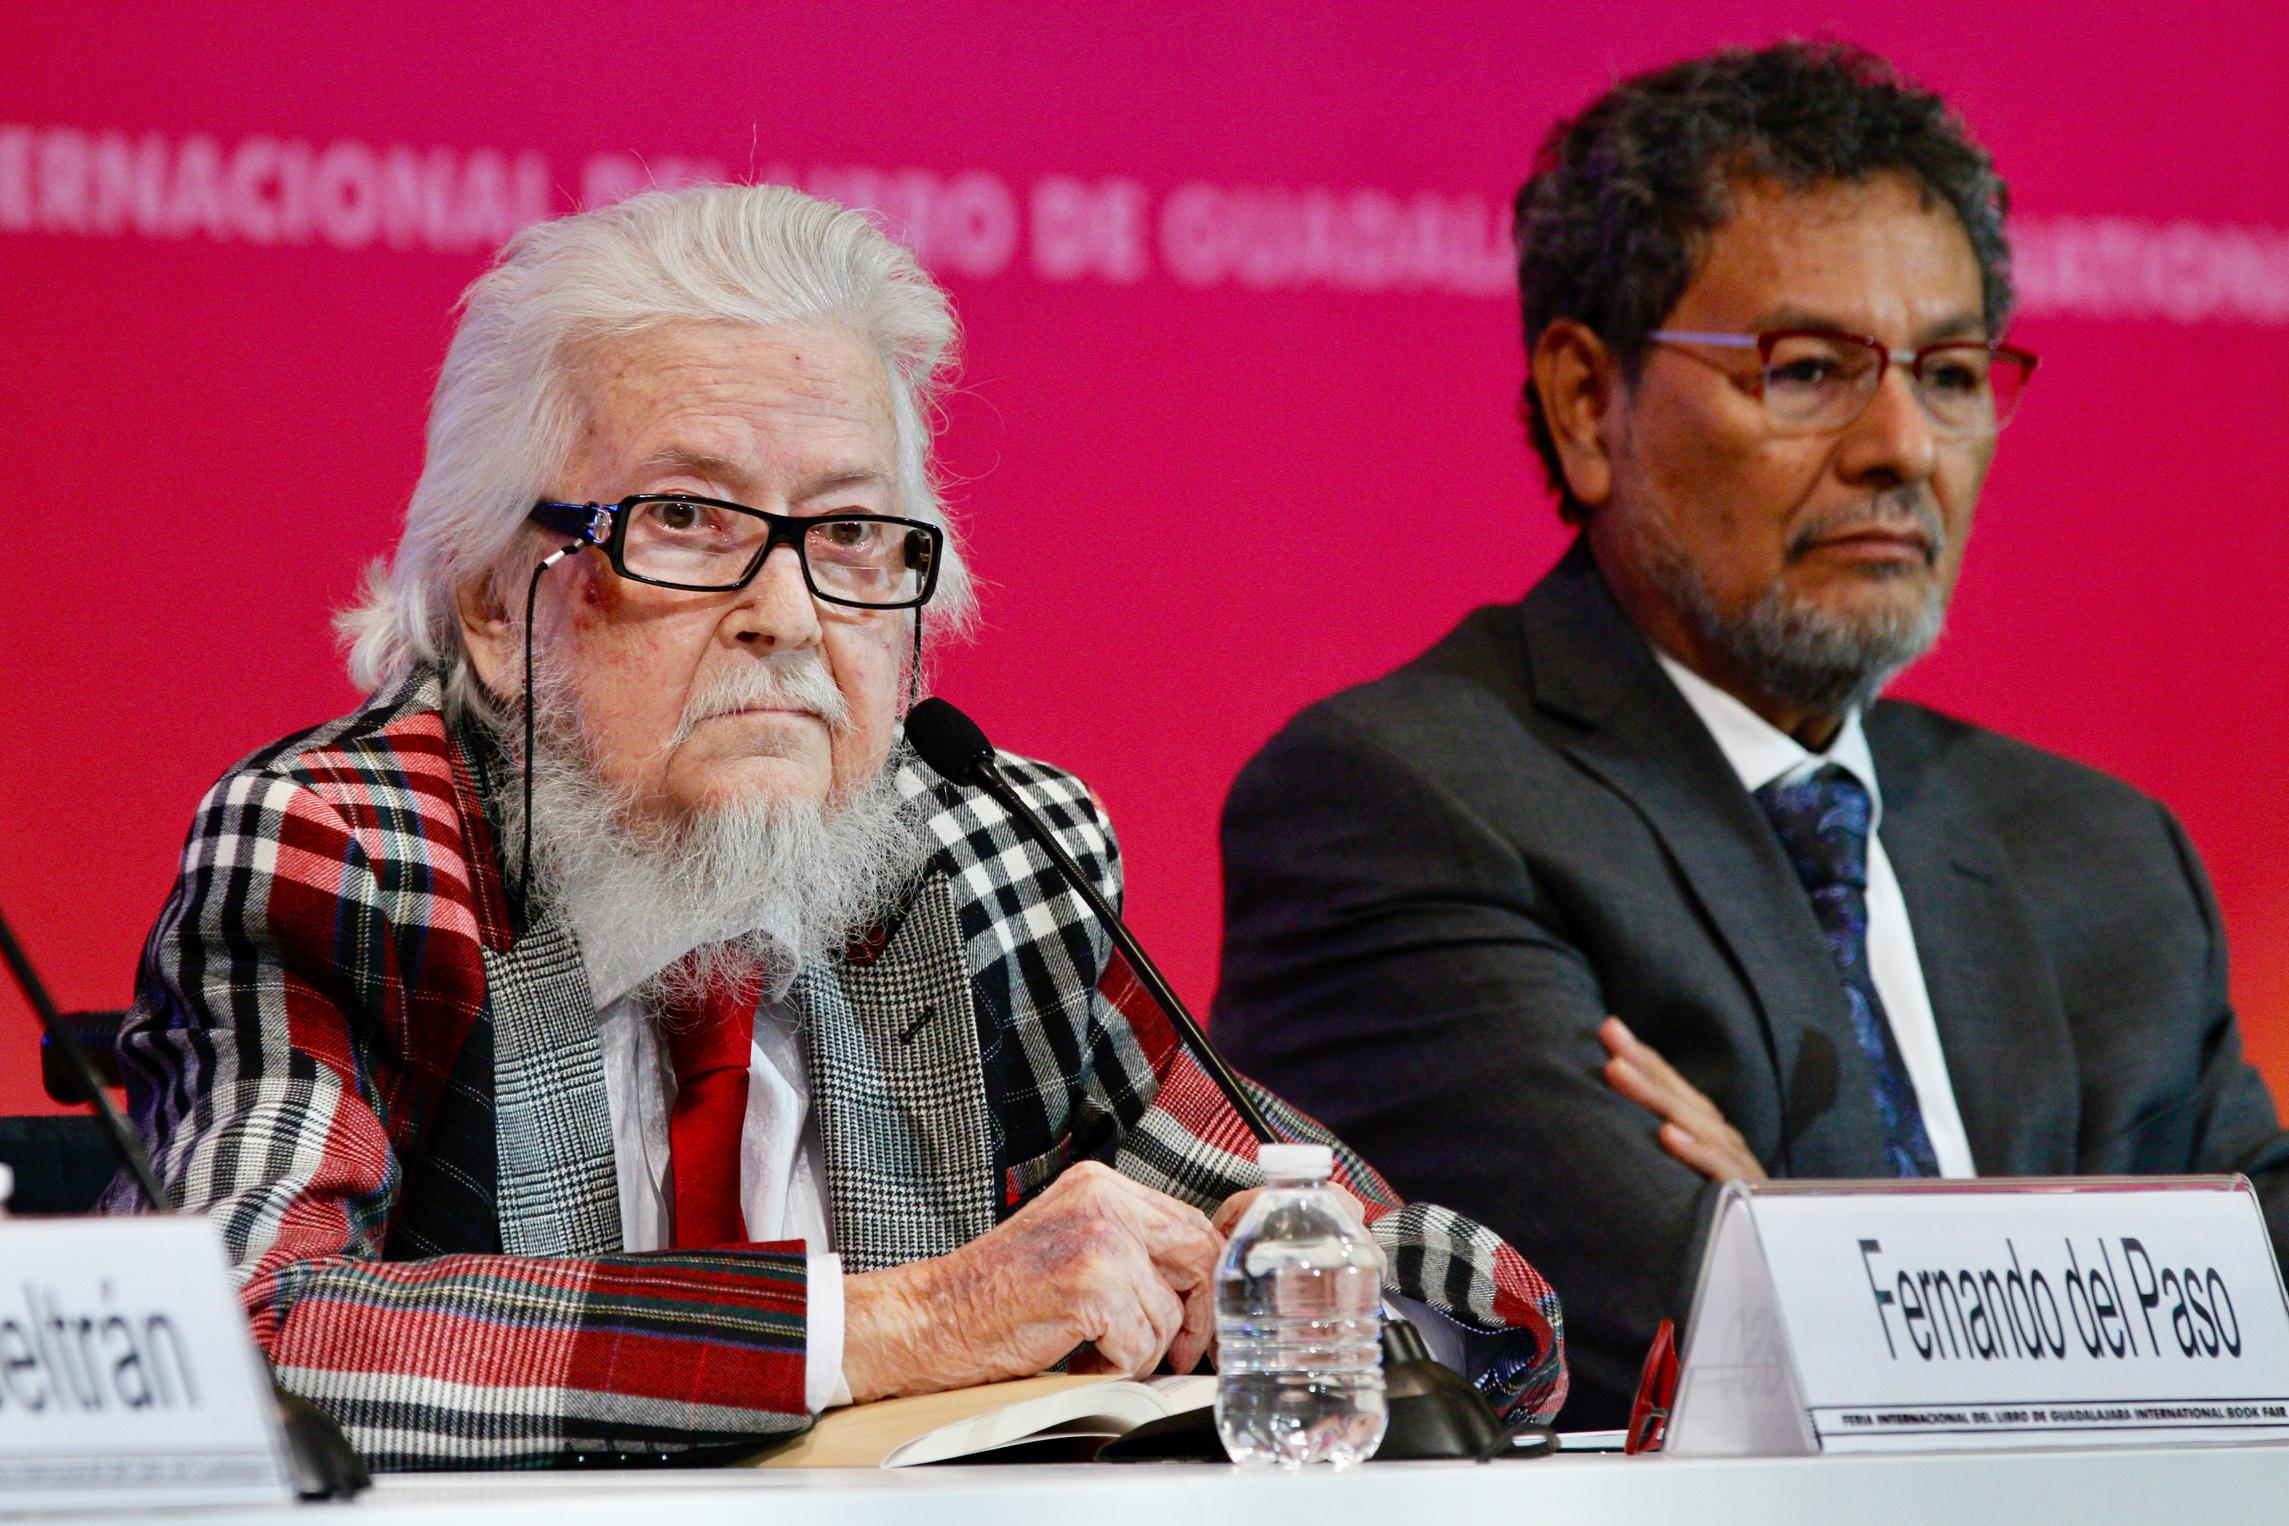 Fallece el escritor Fernando del Paso, autor de 'Noticias del Imperio'